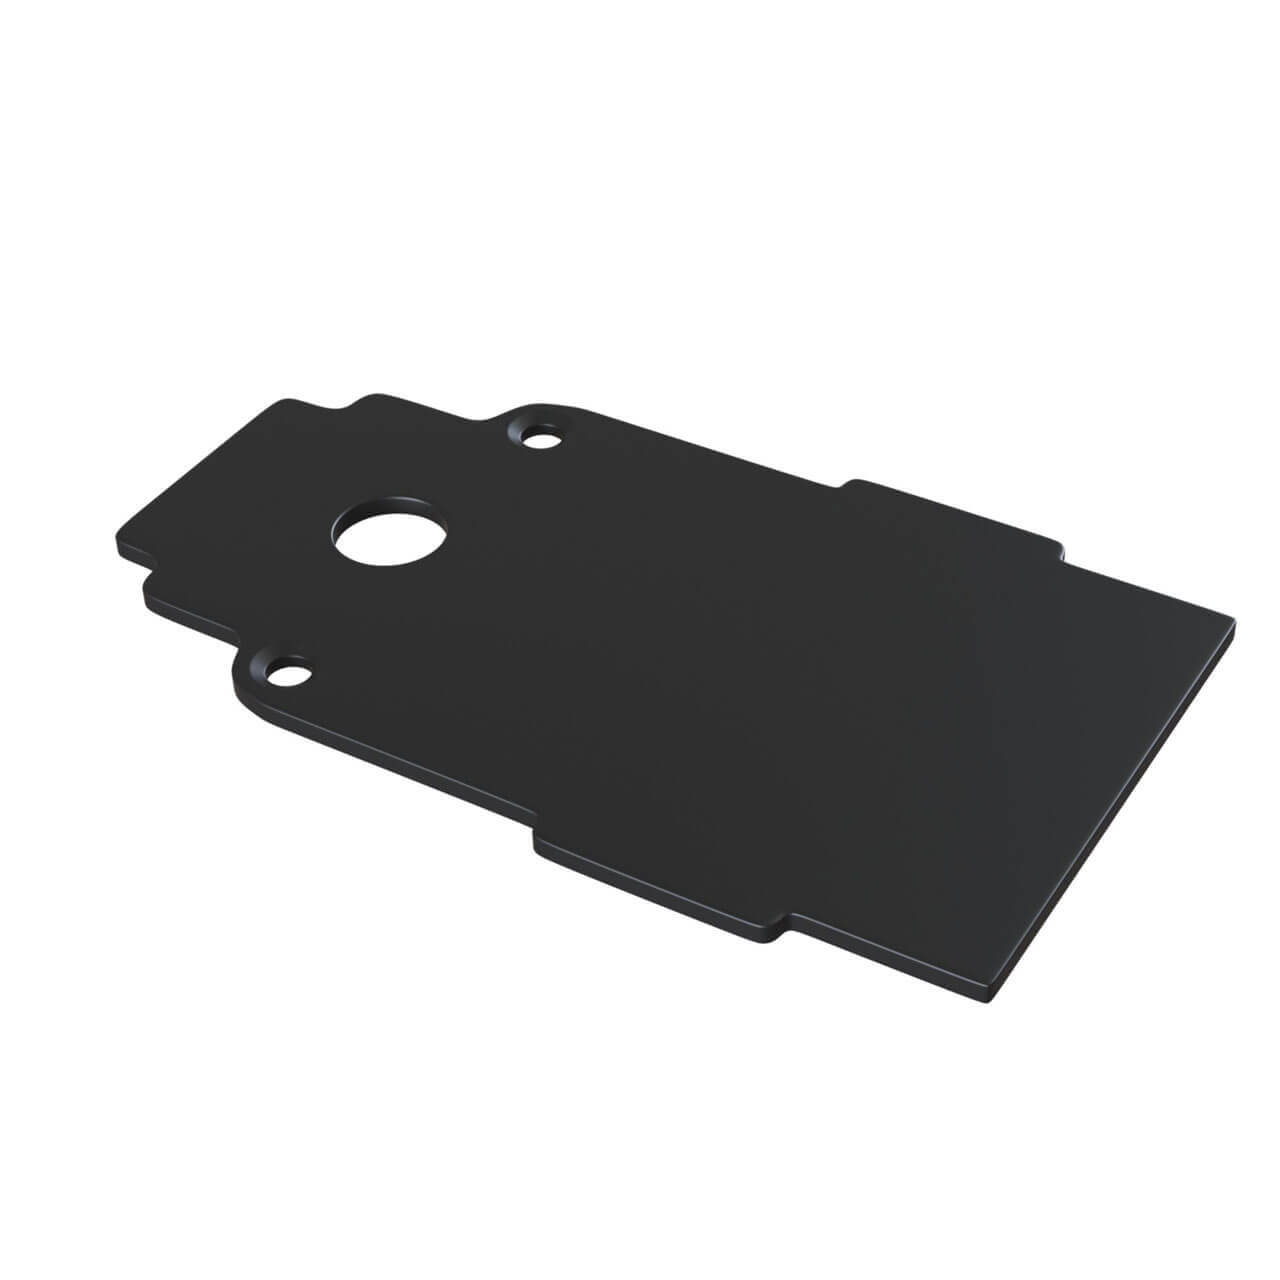 Заглушка Maytoni TRA004EC-22B Magnetic track футболка print bar subaru 22b